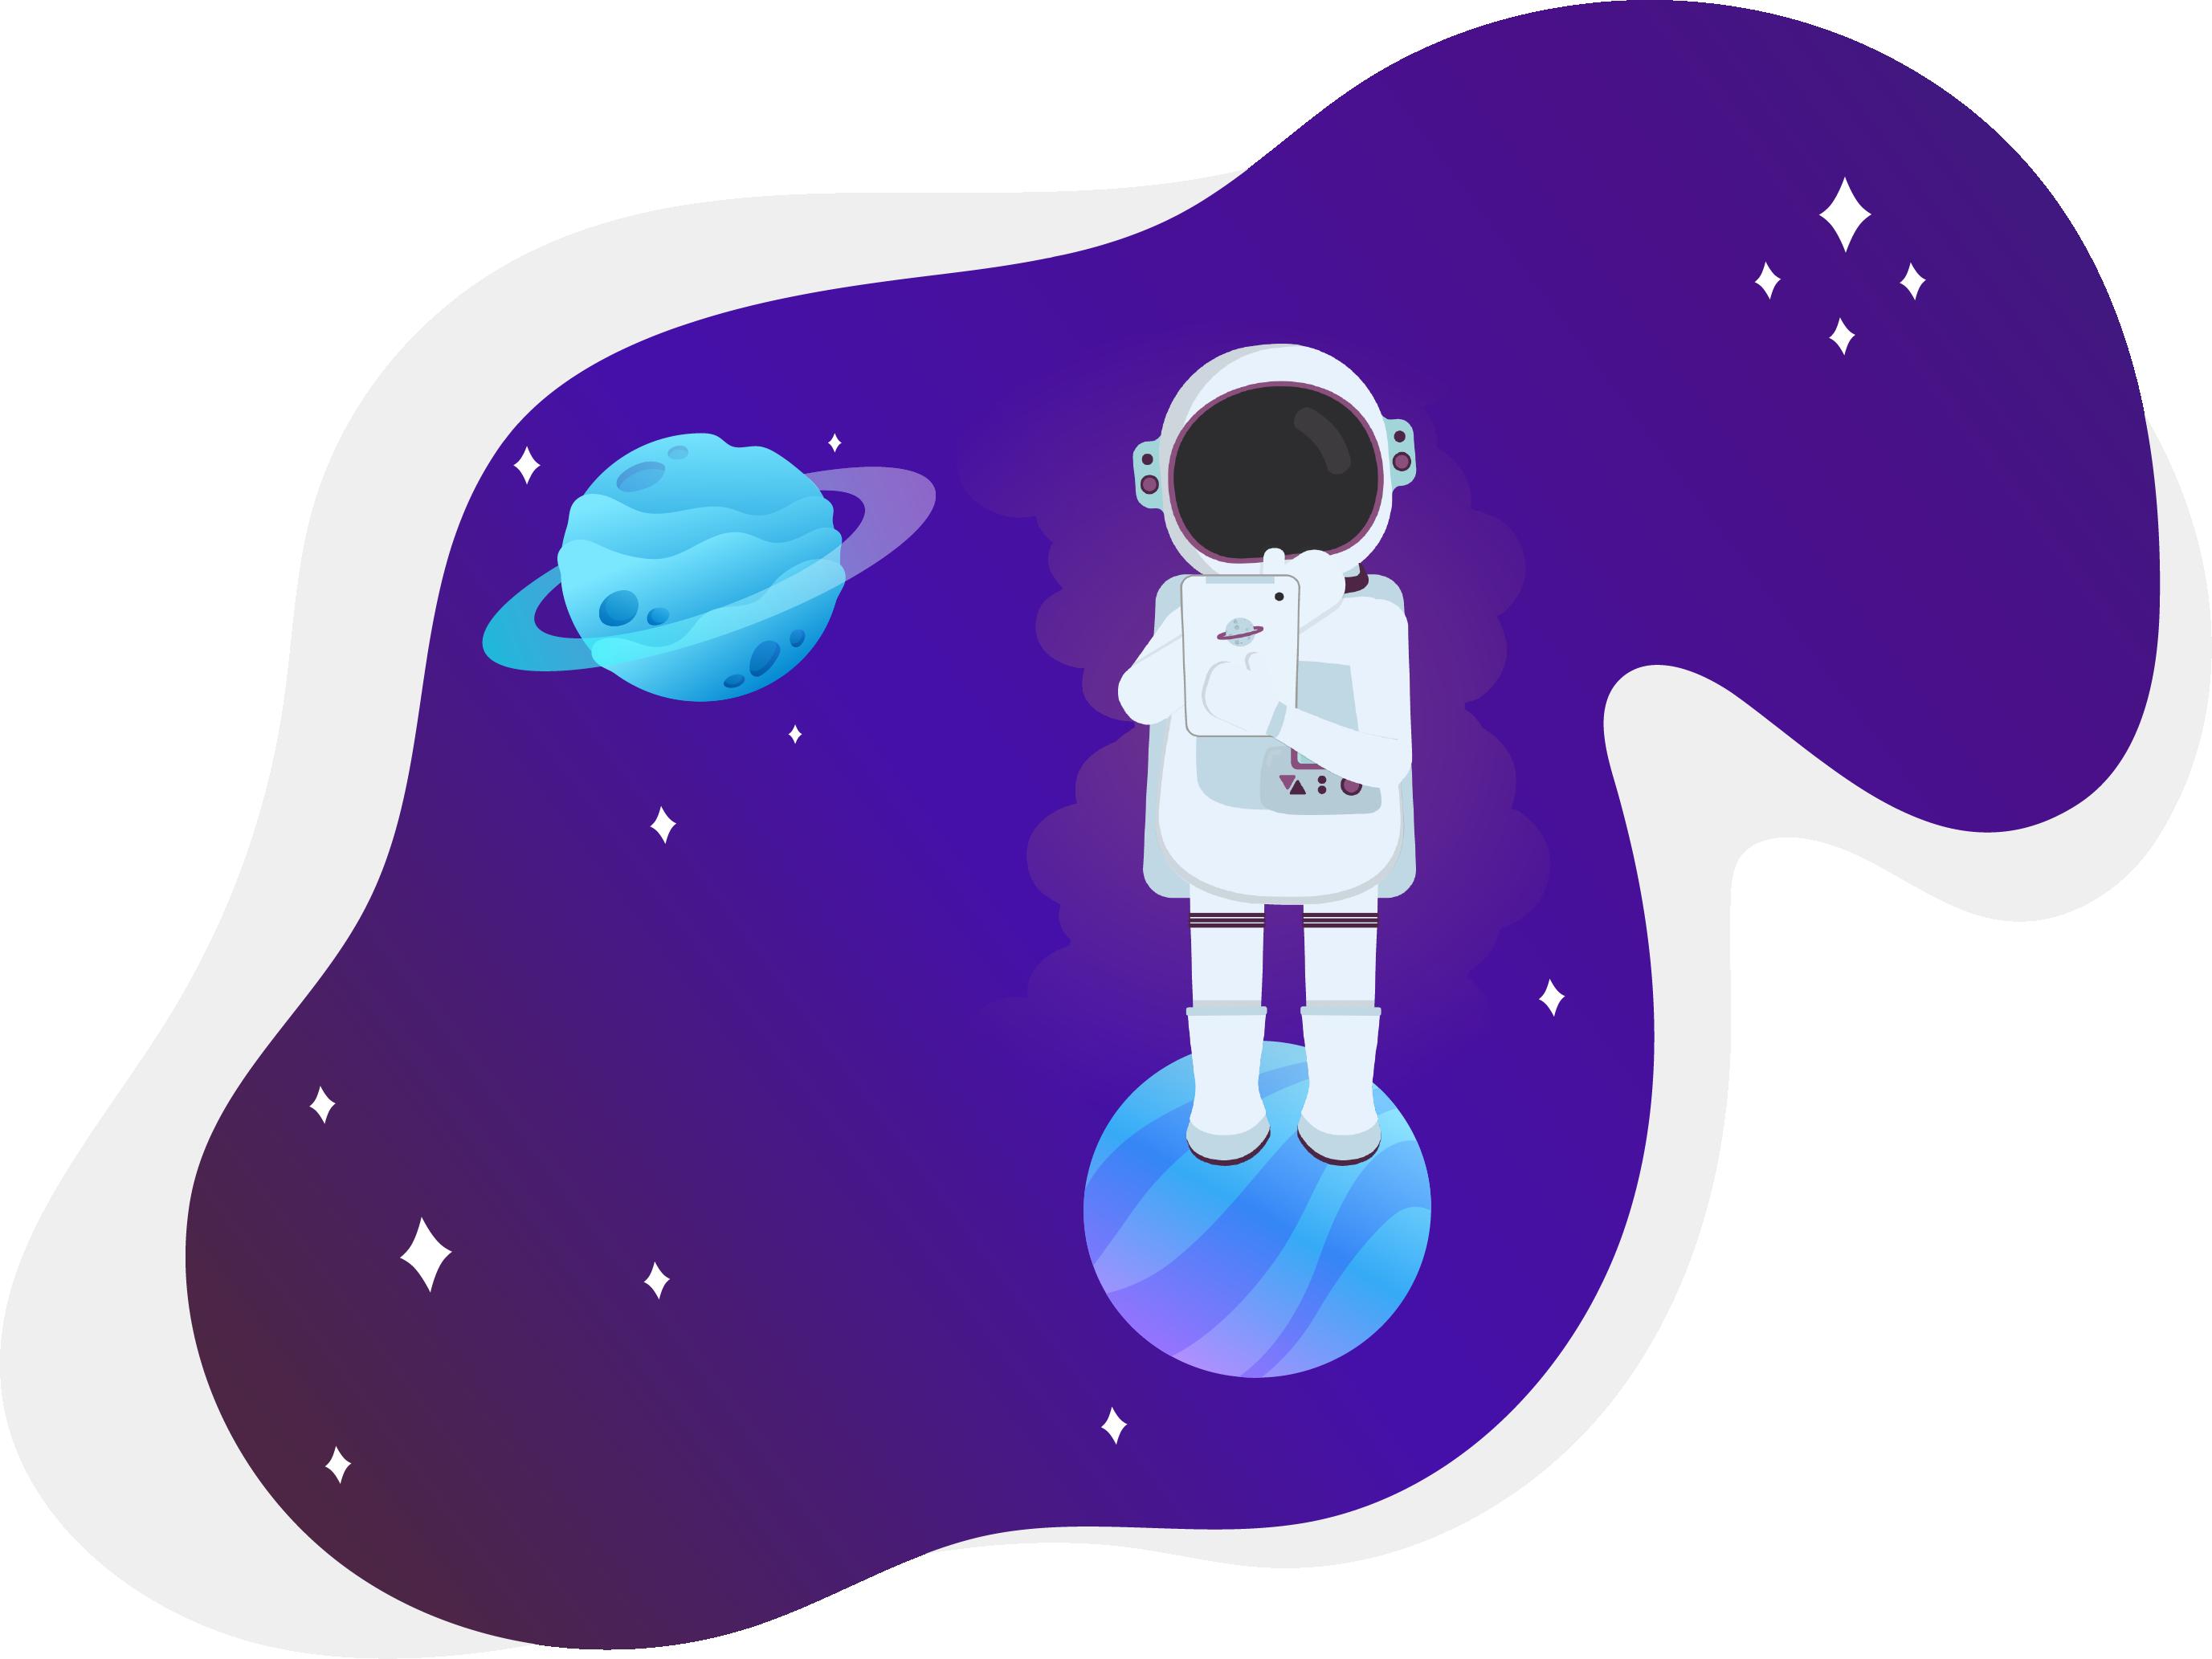 Sei ein kleiner Astronaut